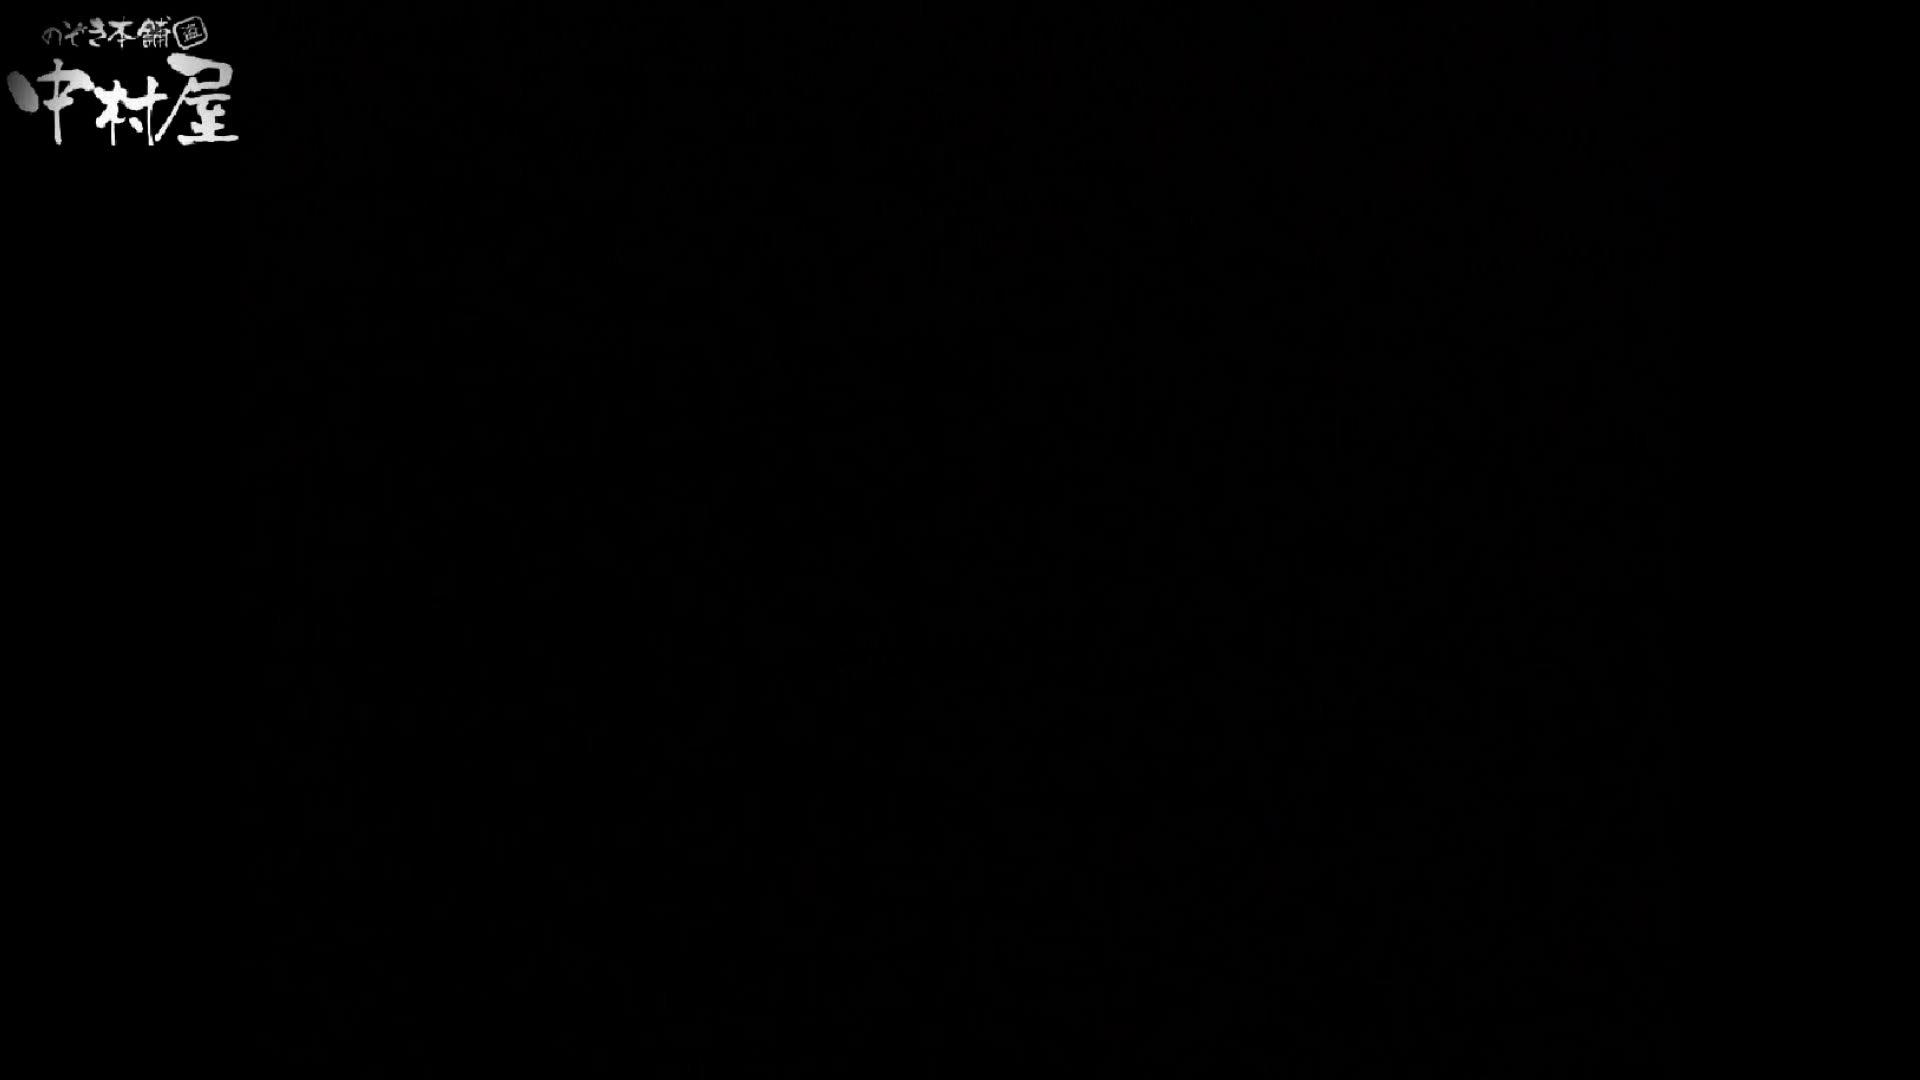 民家風呂専門盗撮師の超危険映像 vol.022 美女エロ画像 おめこ無修正動画無料 54PICs 15